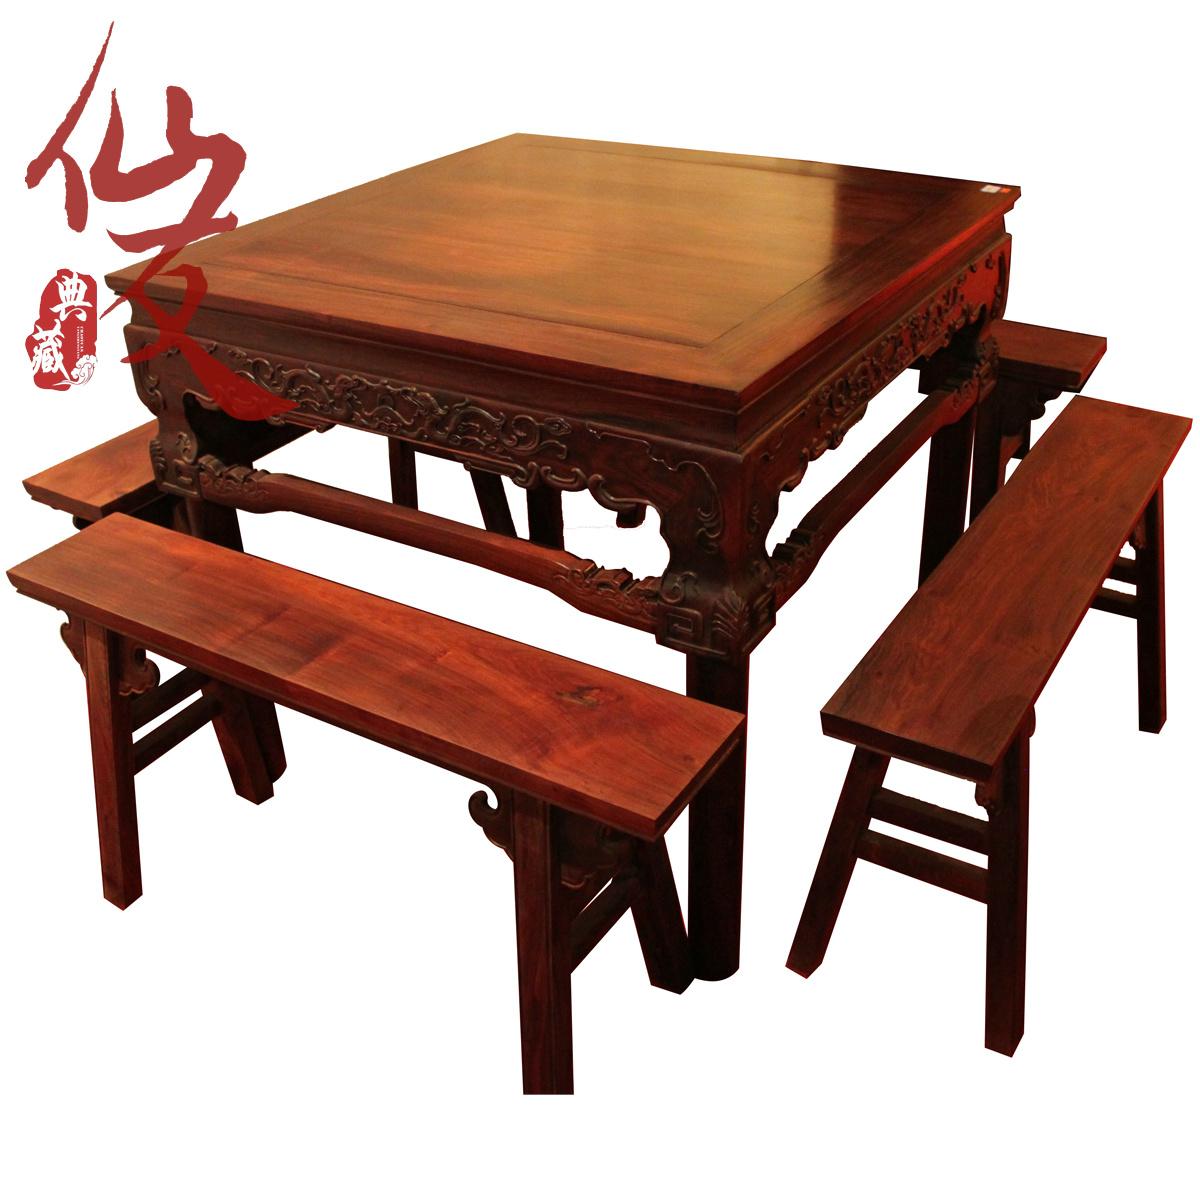 红木家具 厂家直销 大红酸枝钱币方餐台餐桌餐椅五件套 正方饭桌